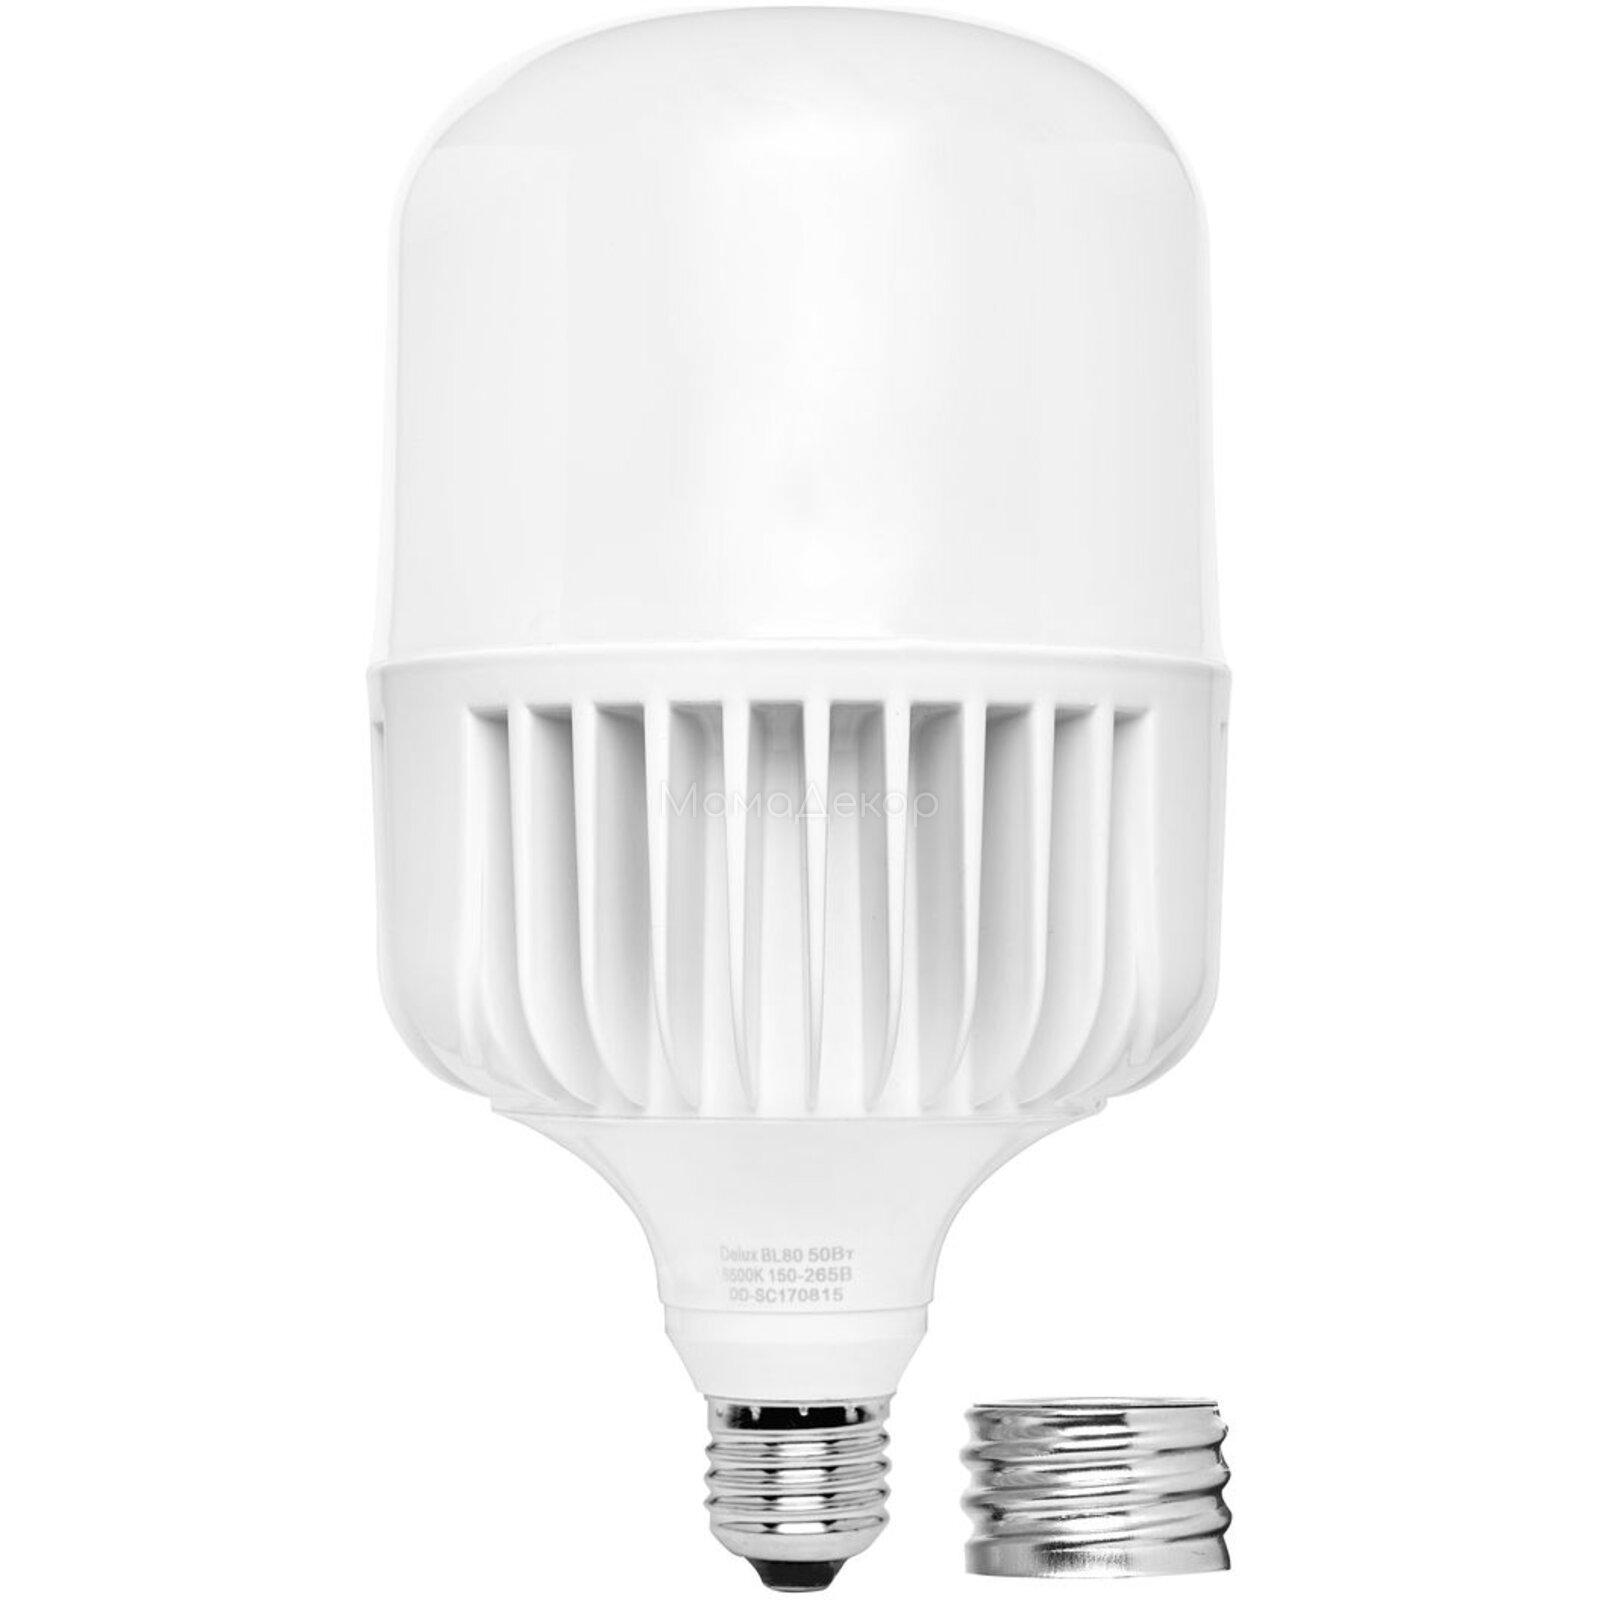 Високопотужні LED лампи